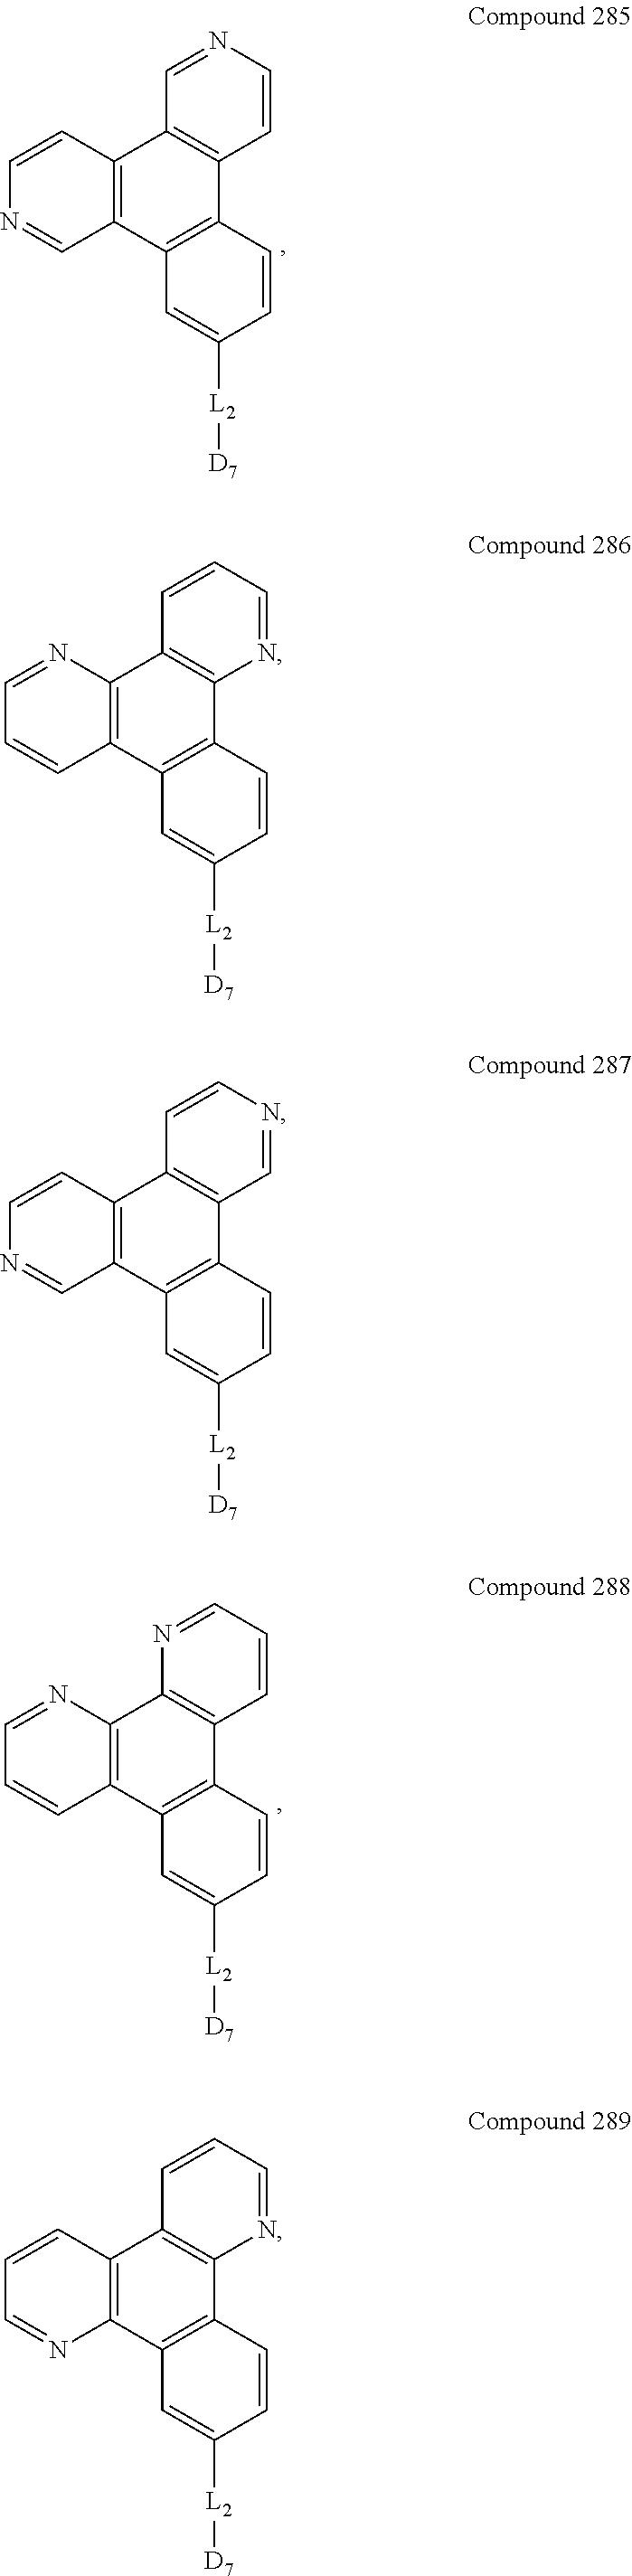 Figure US09537106-20170103-C00093